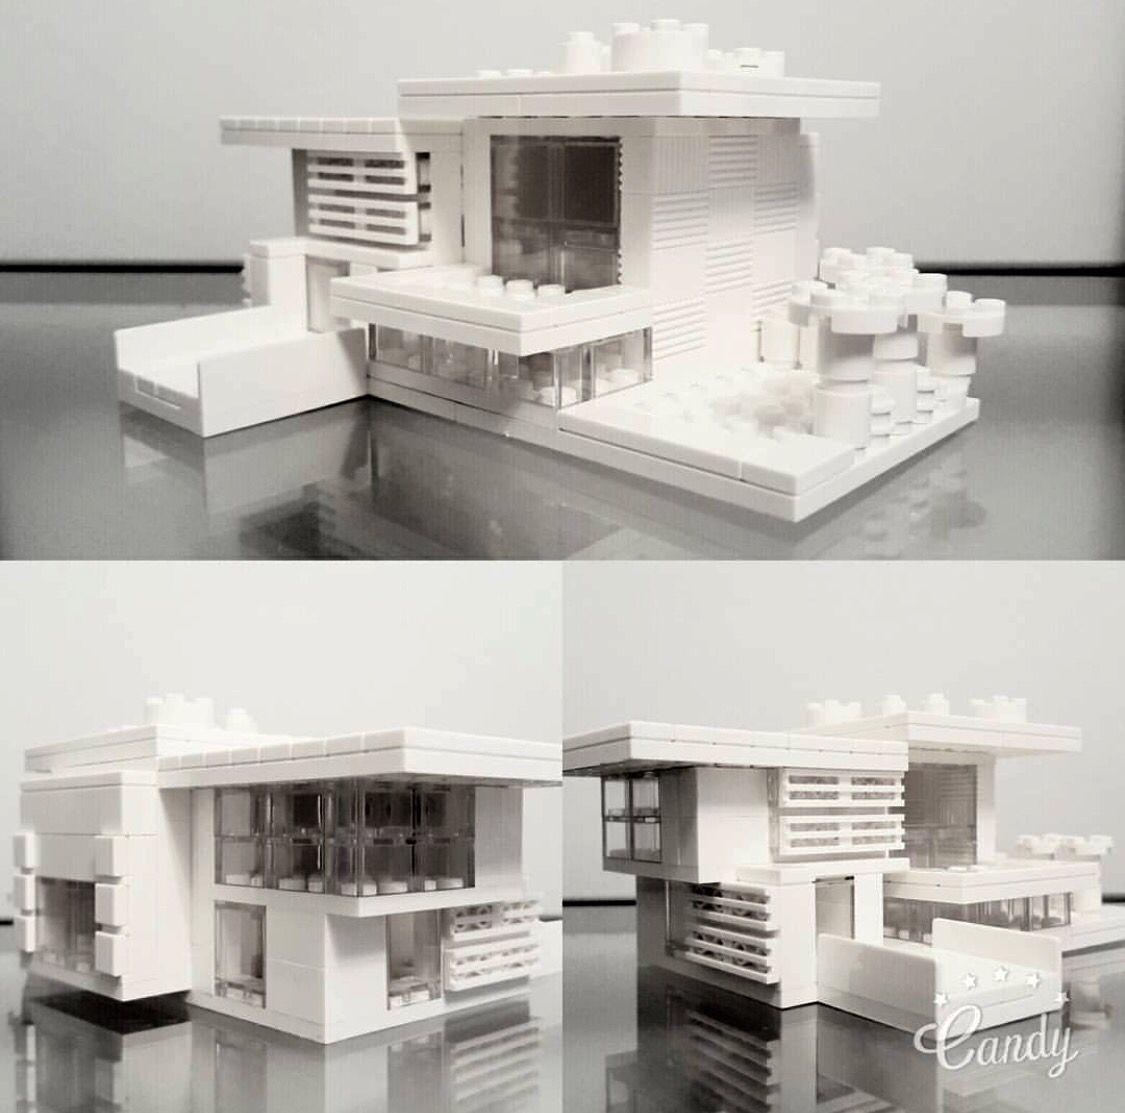 Architecture Studio Lego lego architecture studio: cactus inspired apartment building model